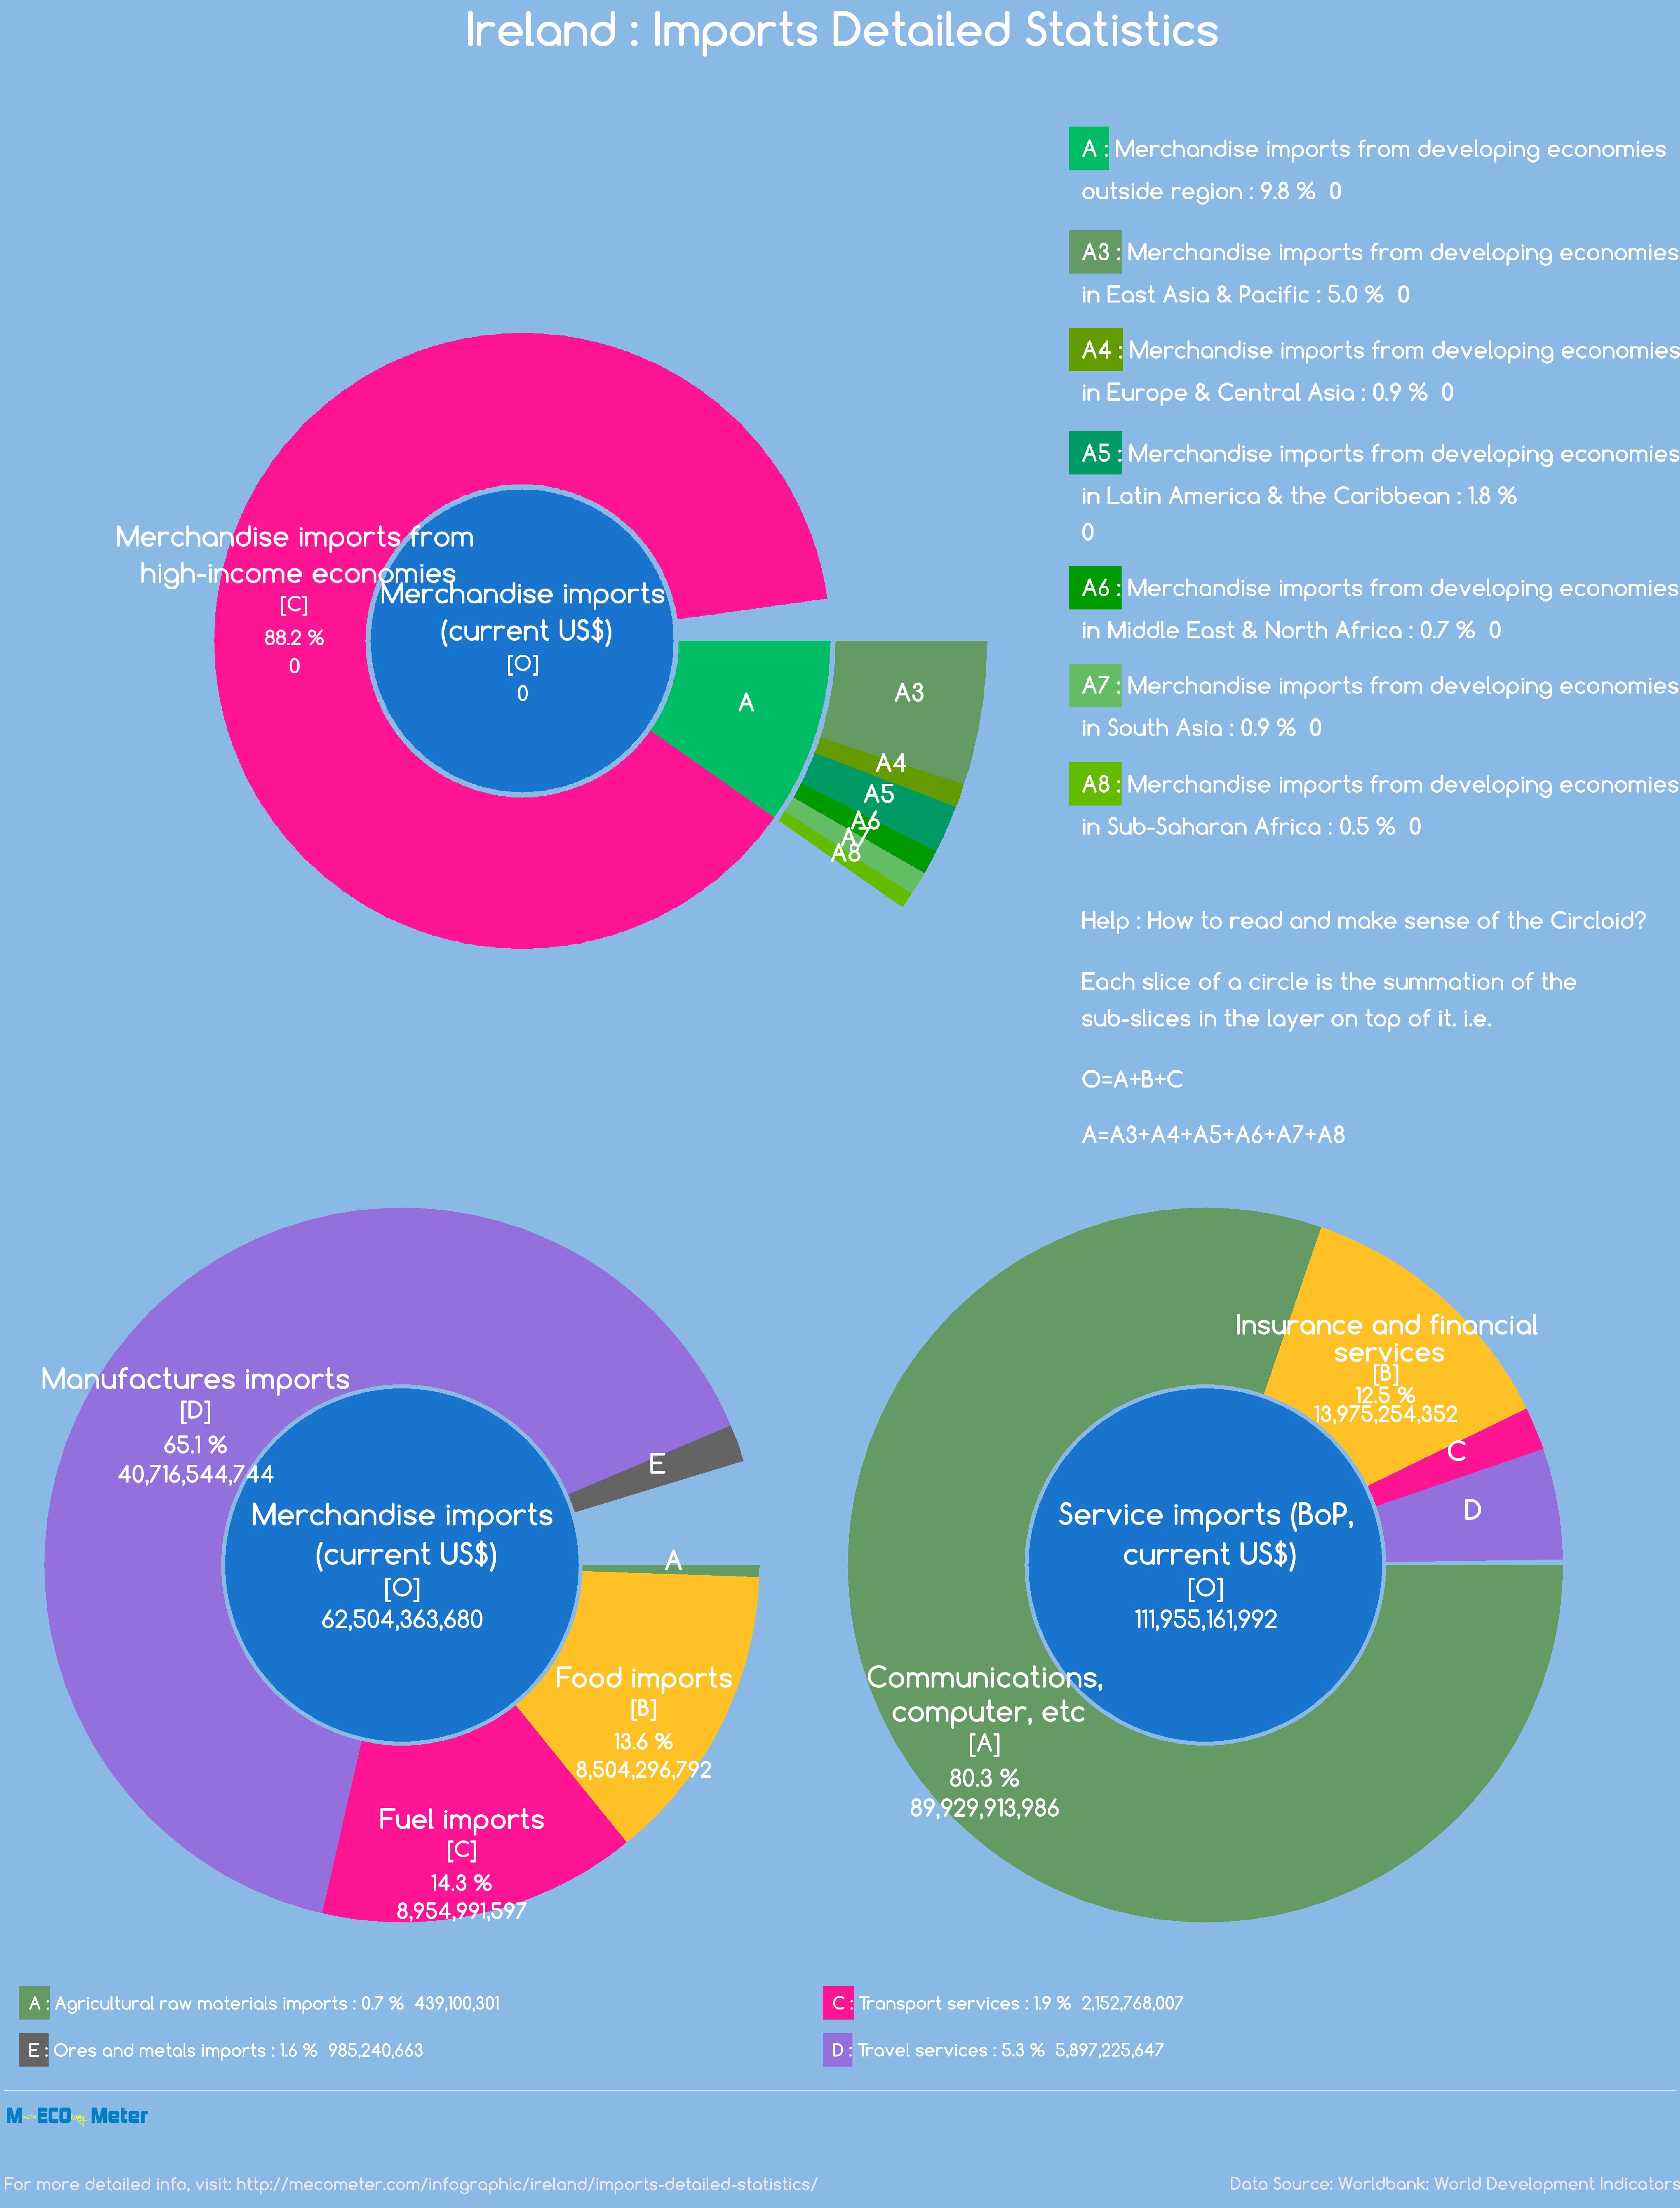 Ireland : Imports Detailed Statistics